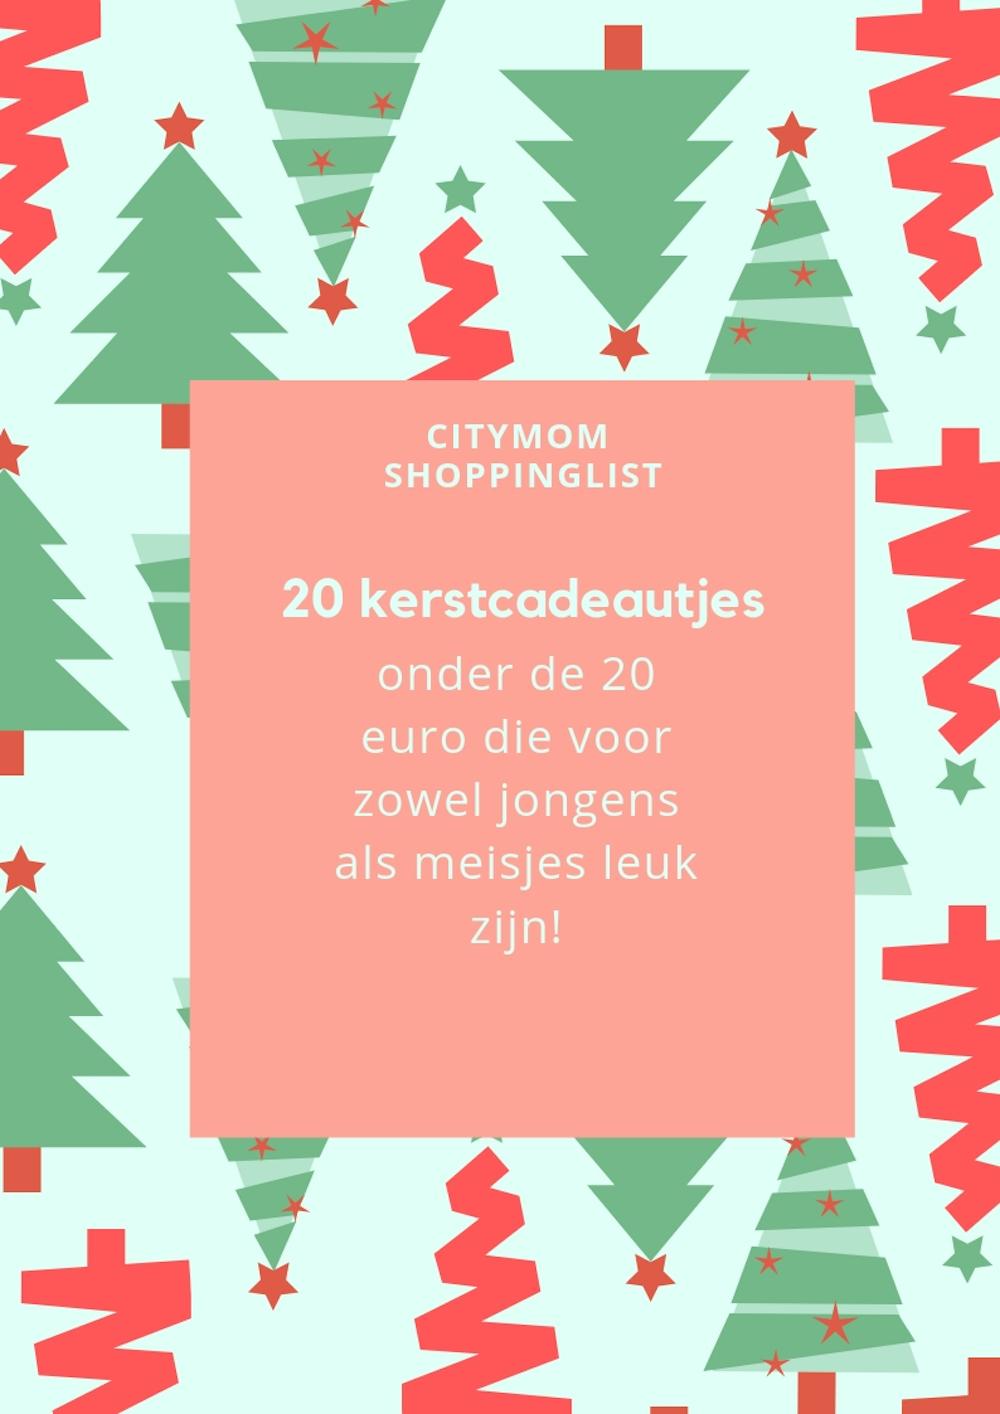 20 kerstcadeautjes onder de 20 euro